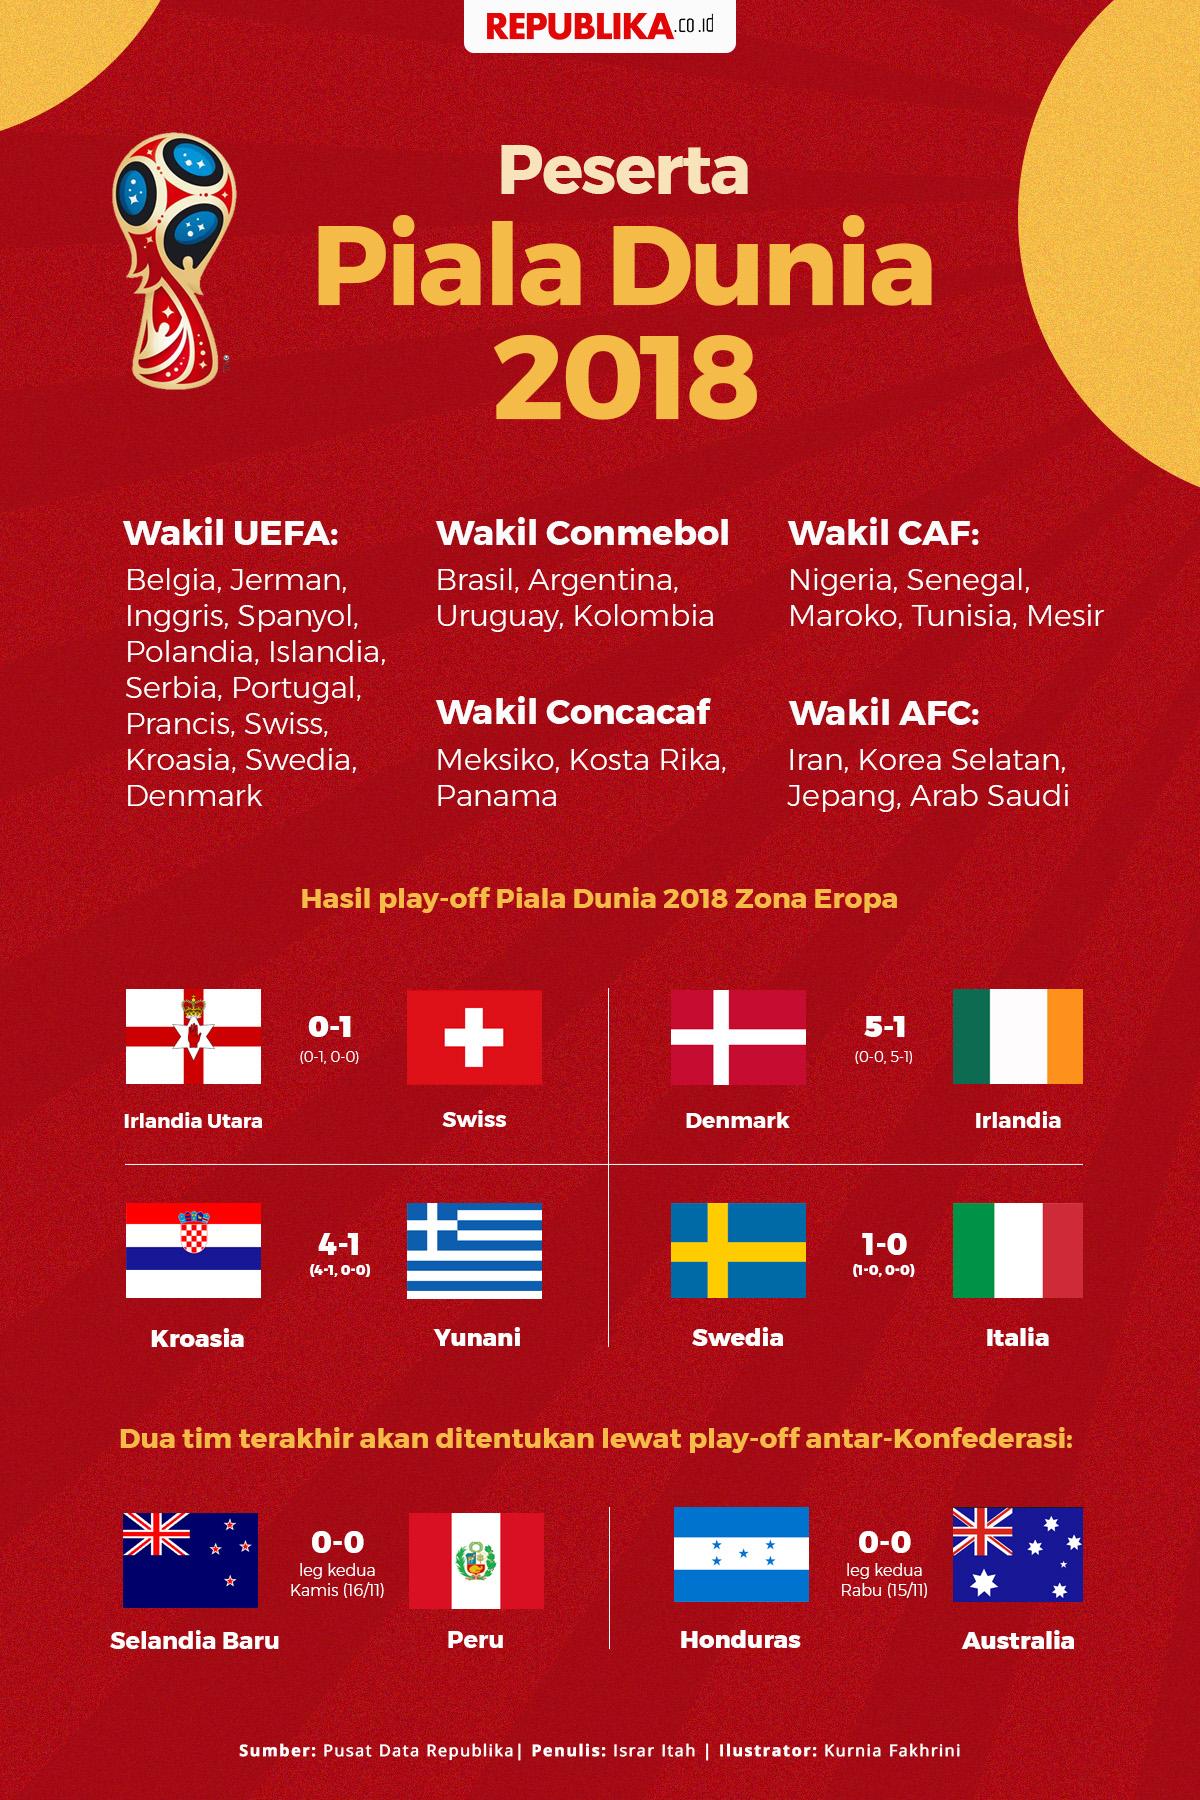 Ini Timnas yang Jadi Peserta Piala Dunia 2018 Rusia